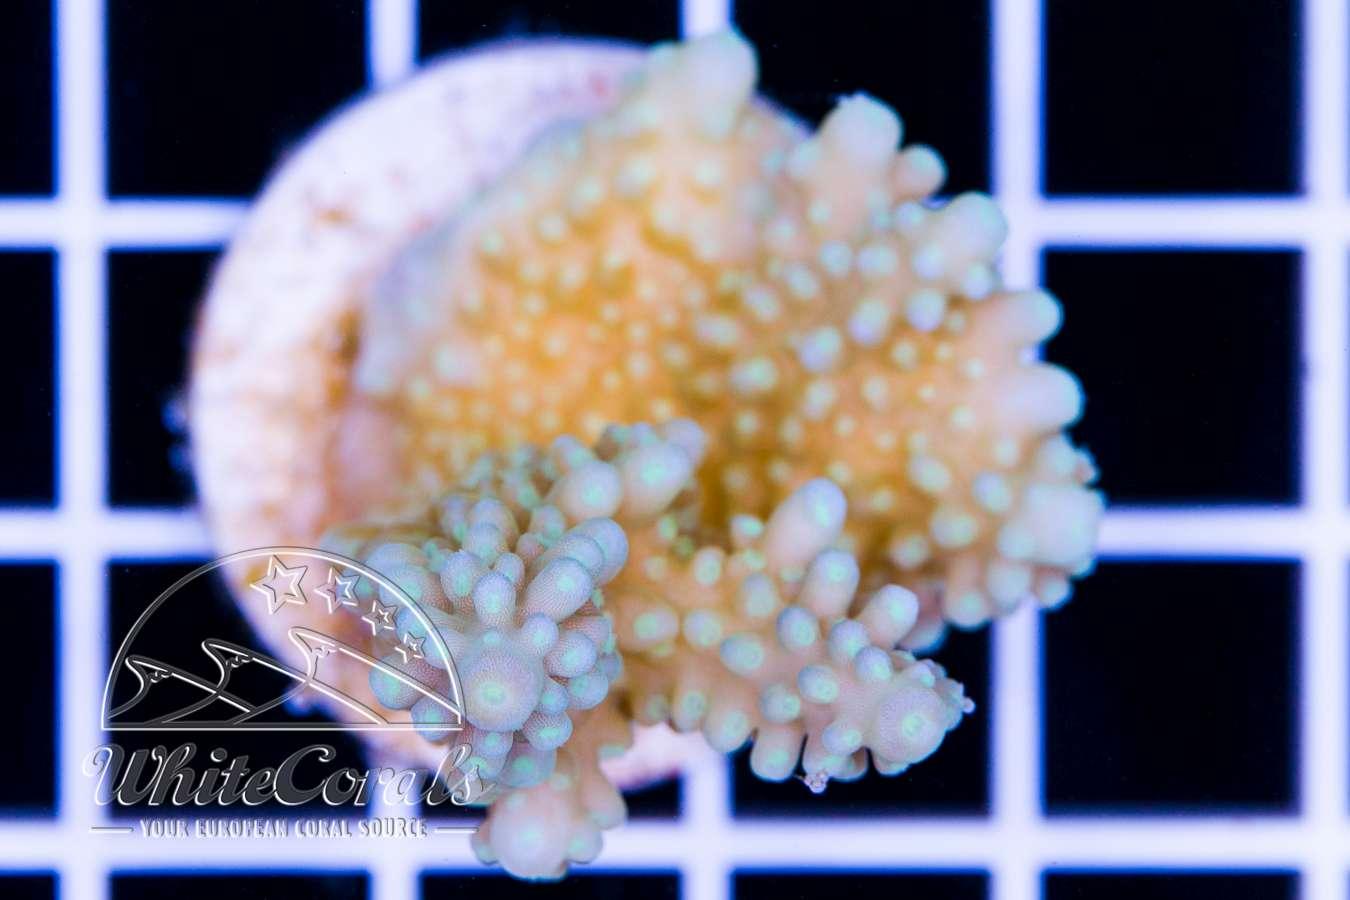 seltene sps korallen ableger und st cke online kaufen meerwassershop. Black Bedroom Furniture Sets. Home Design Ideas